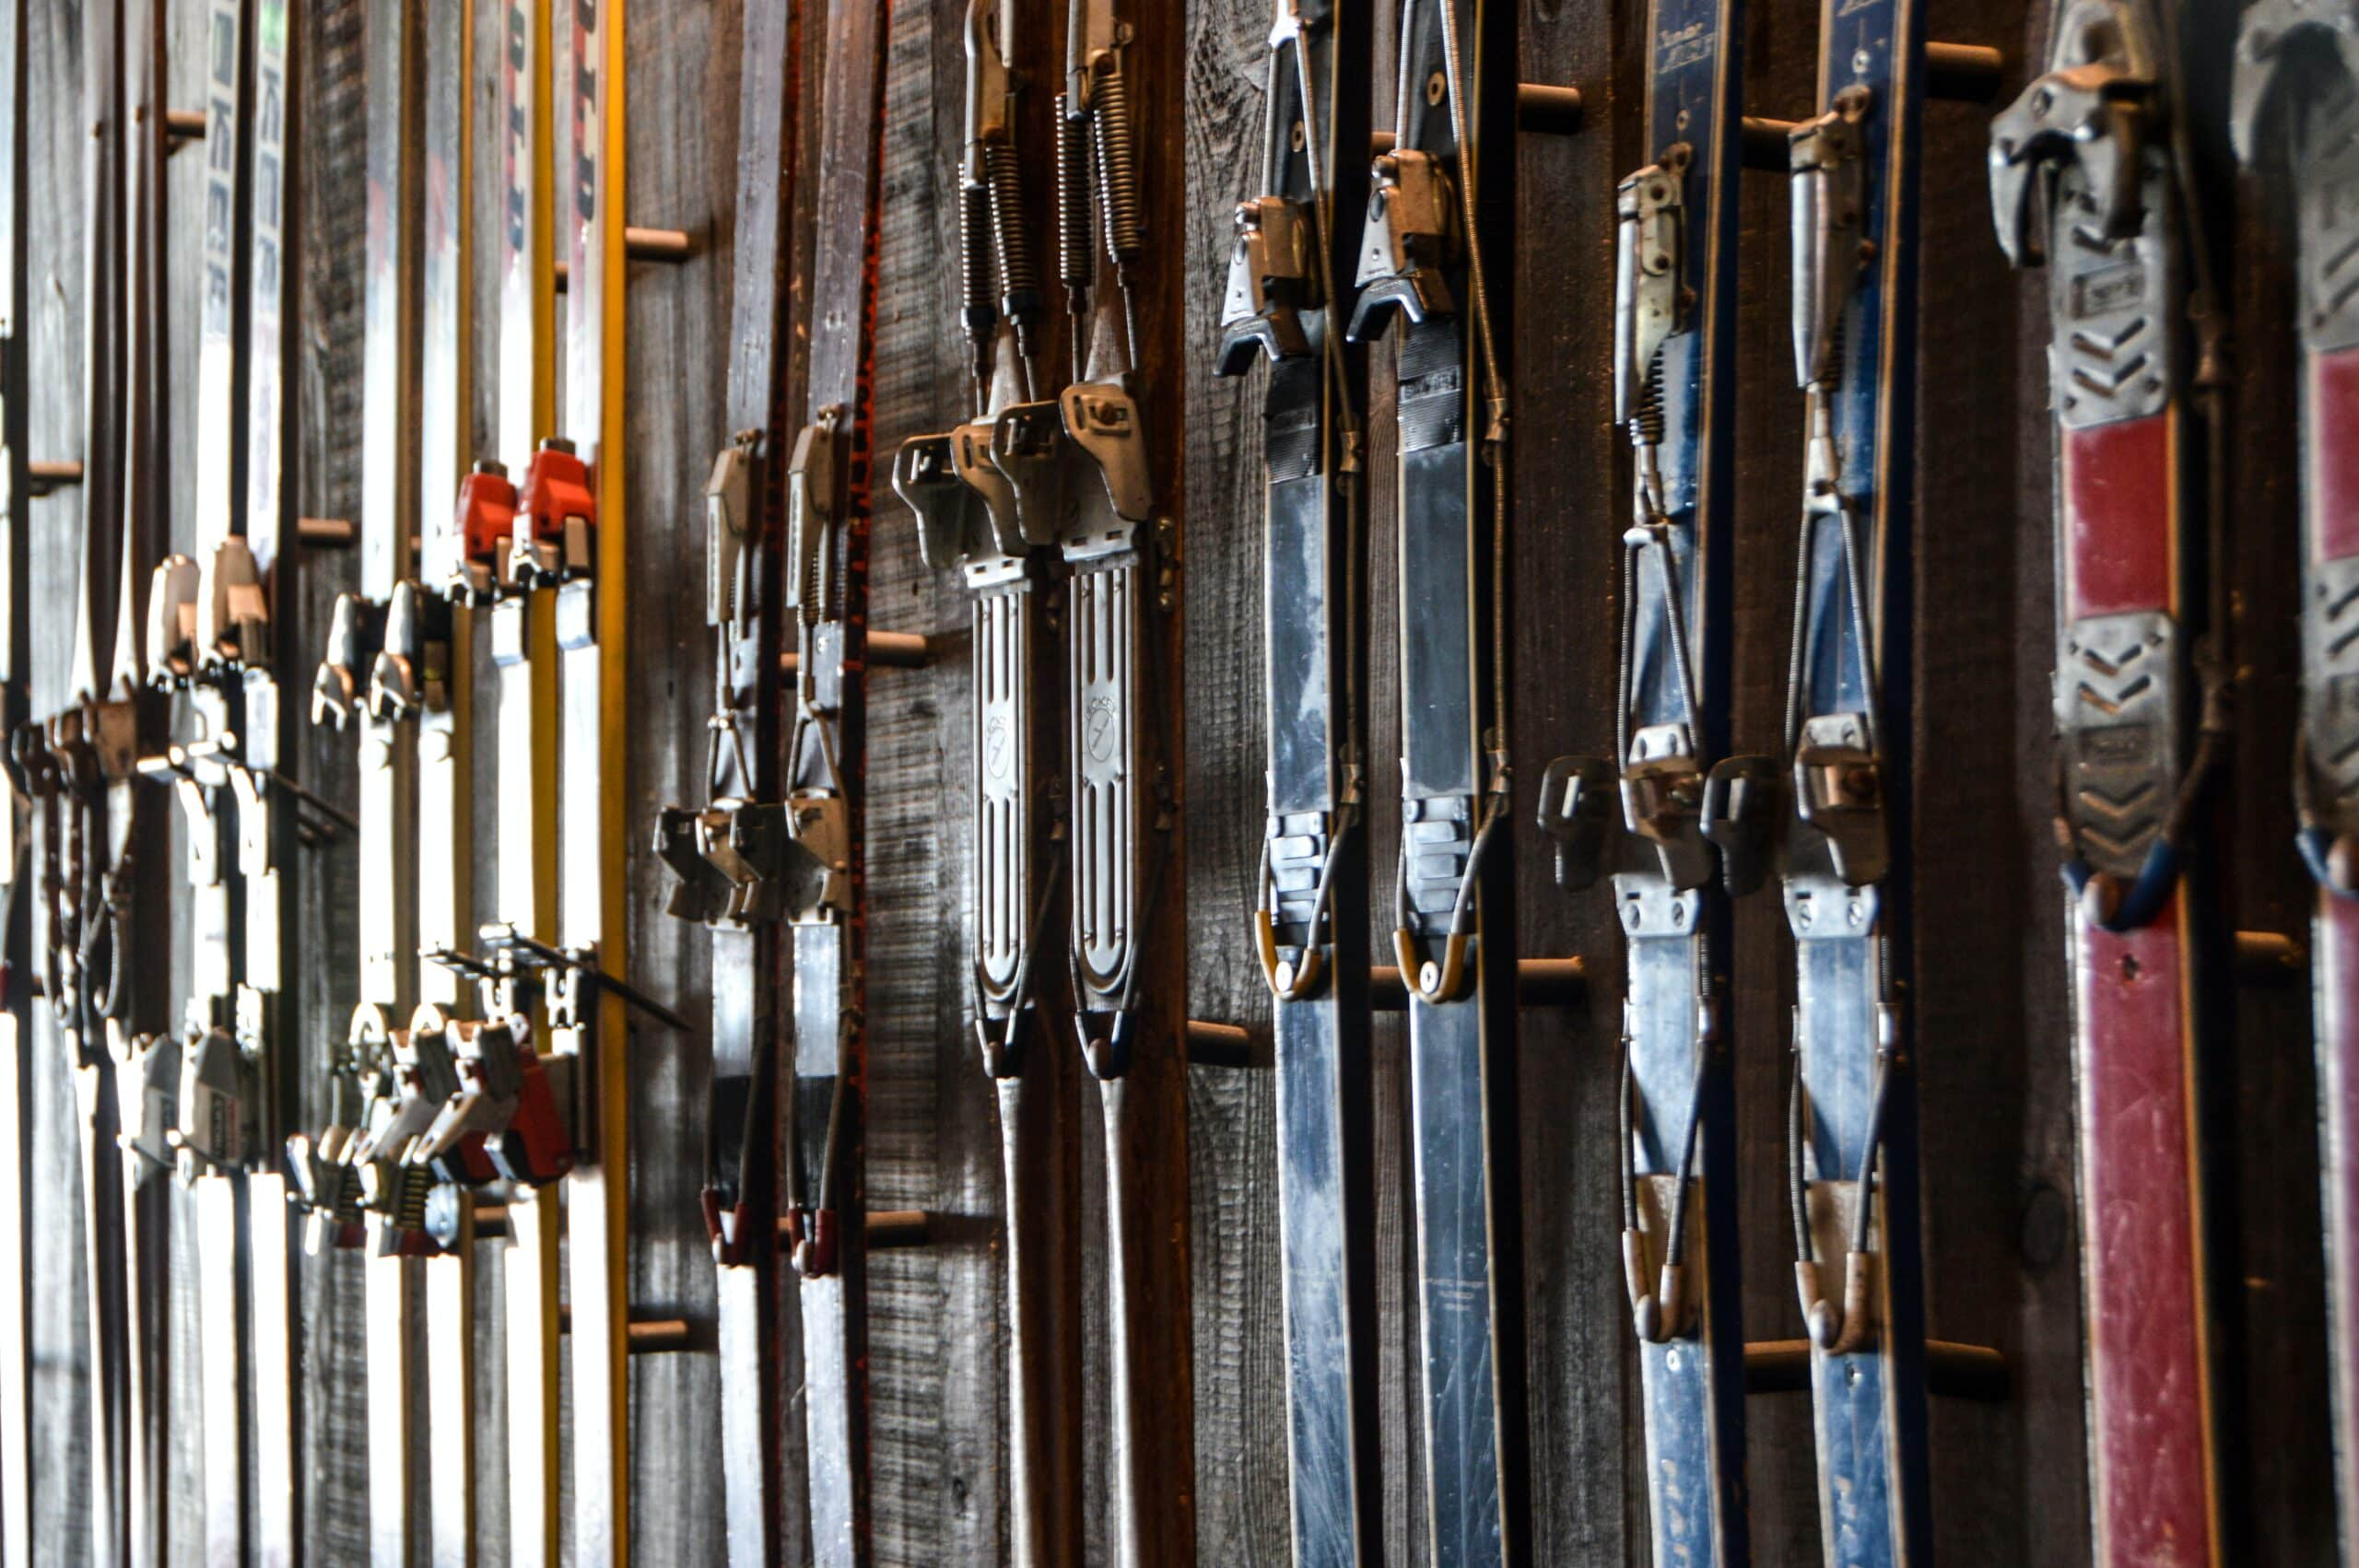 skis with mounted ski bindings